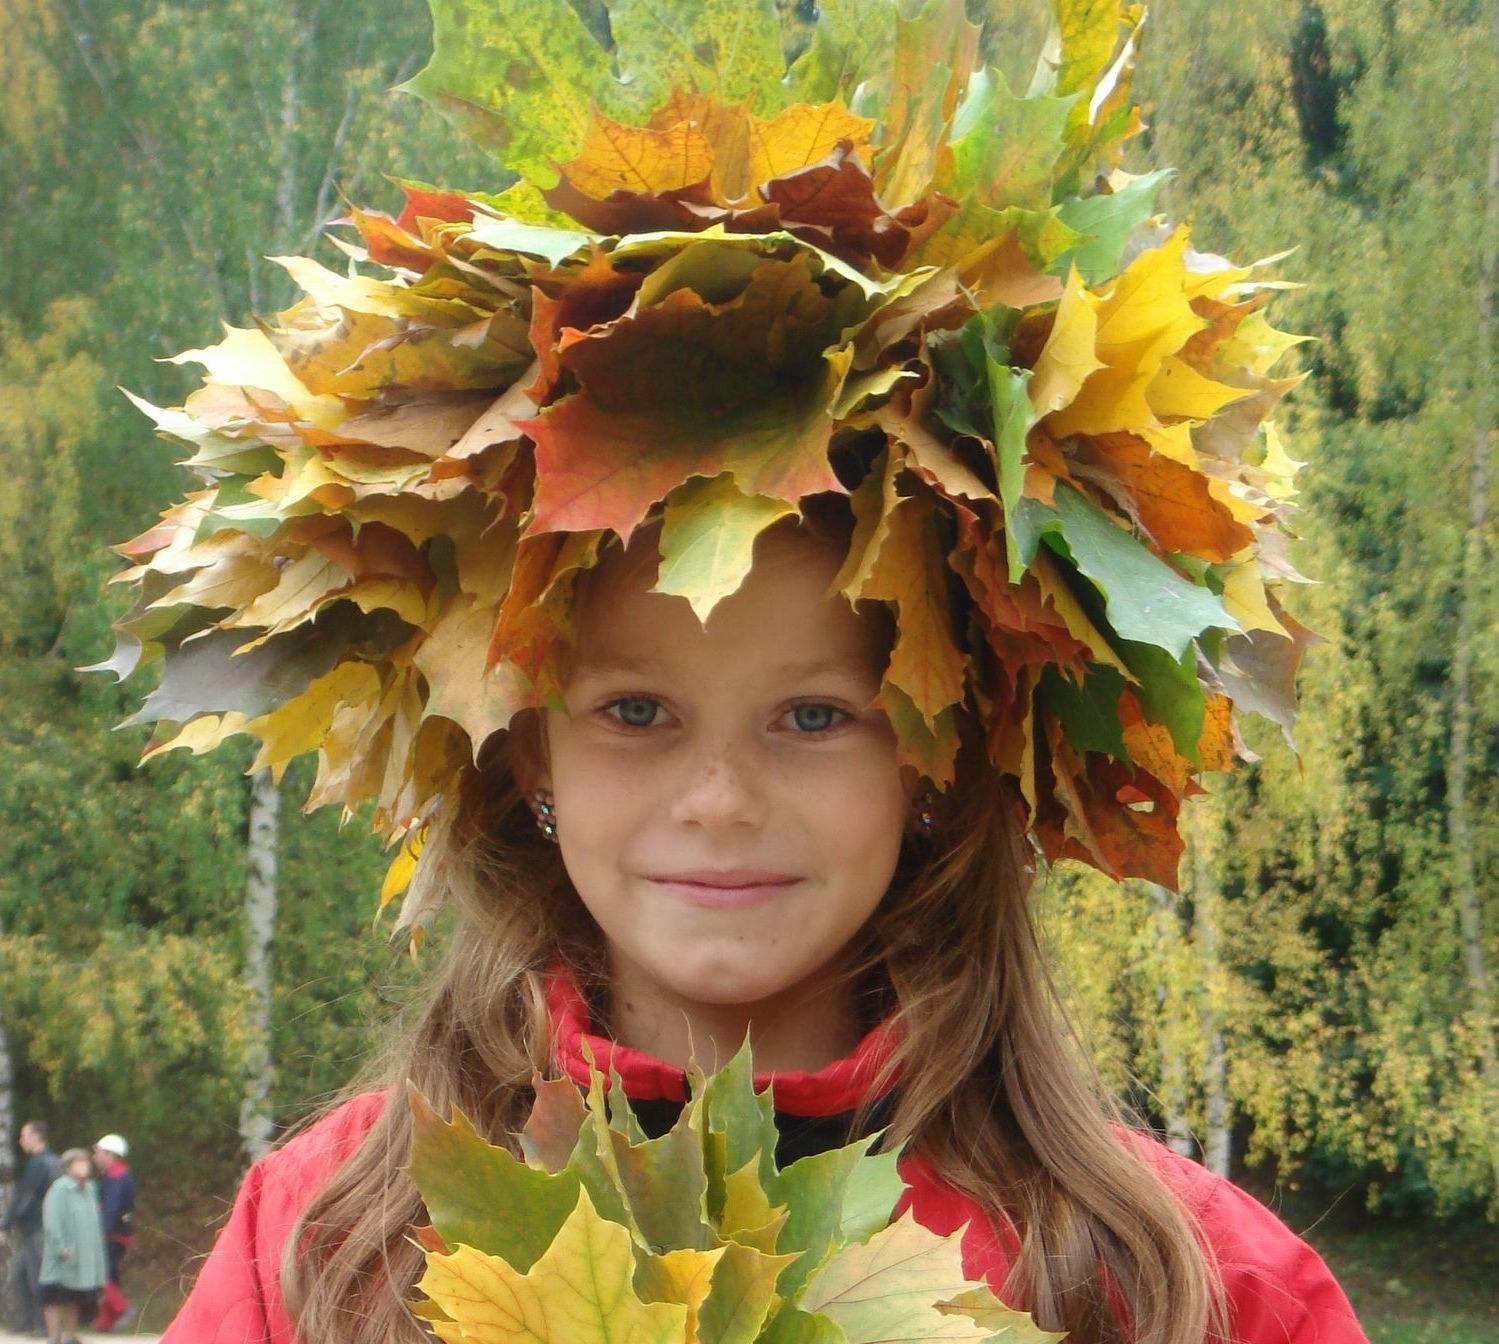 Мисс осень. Осенняя прогулка